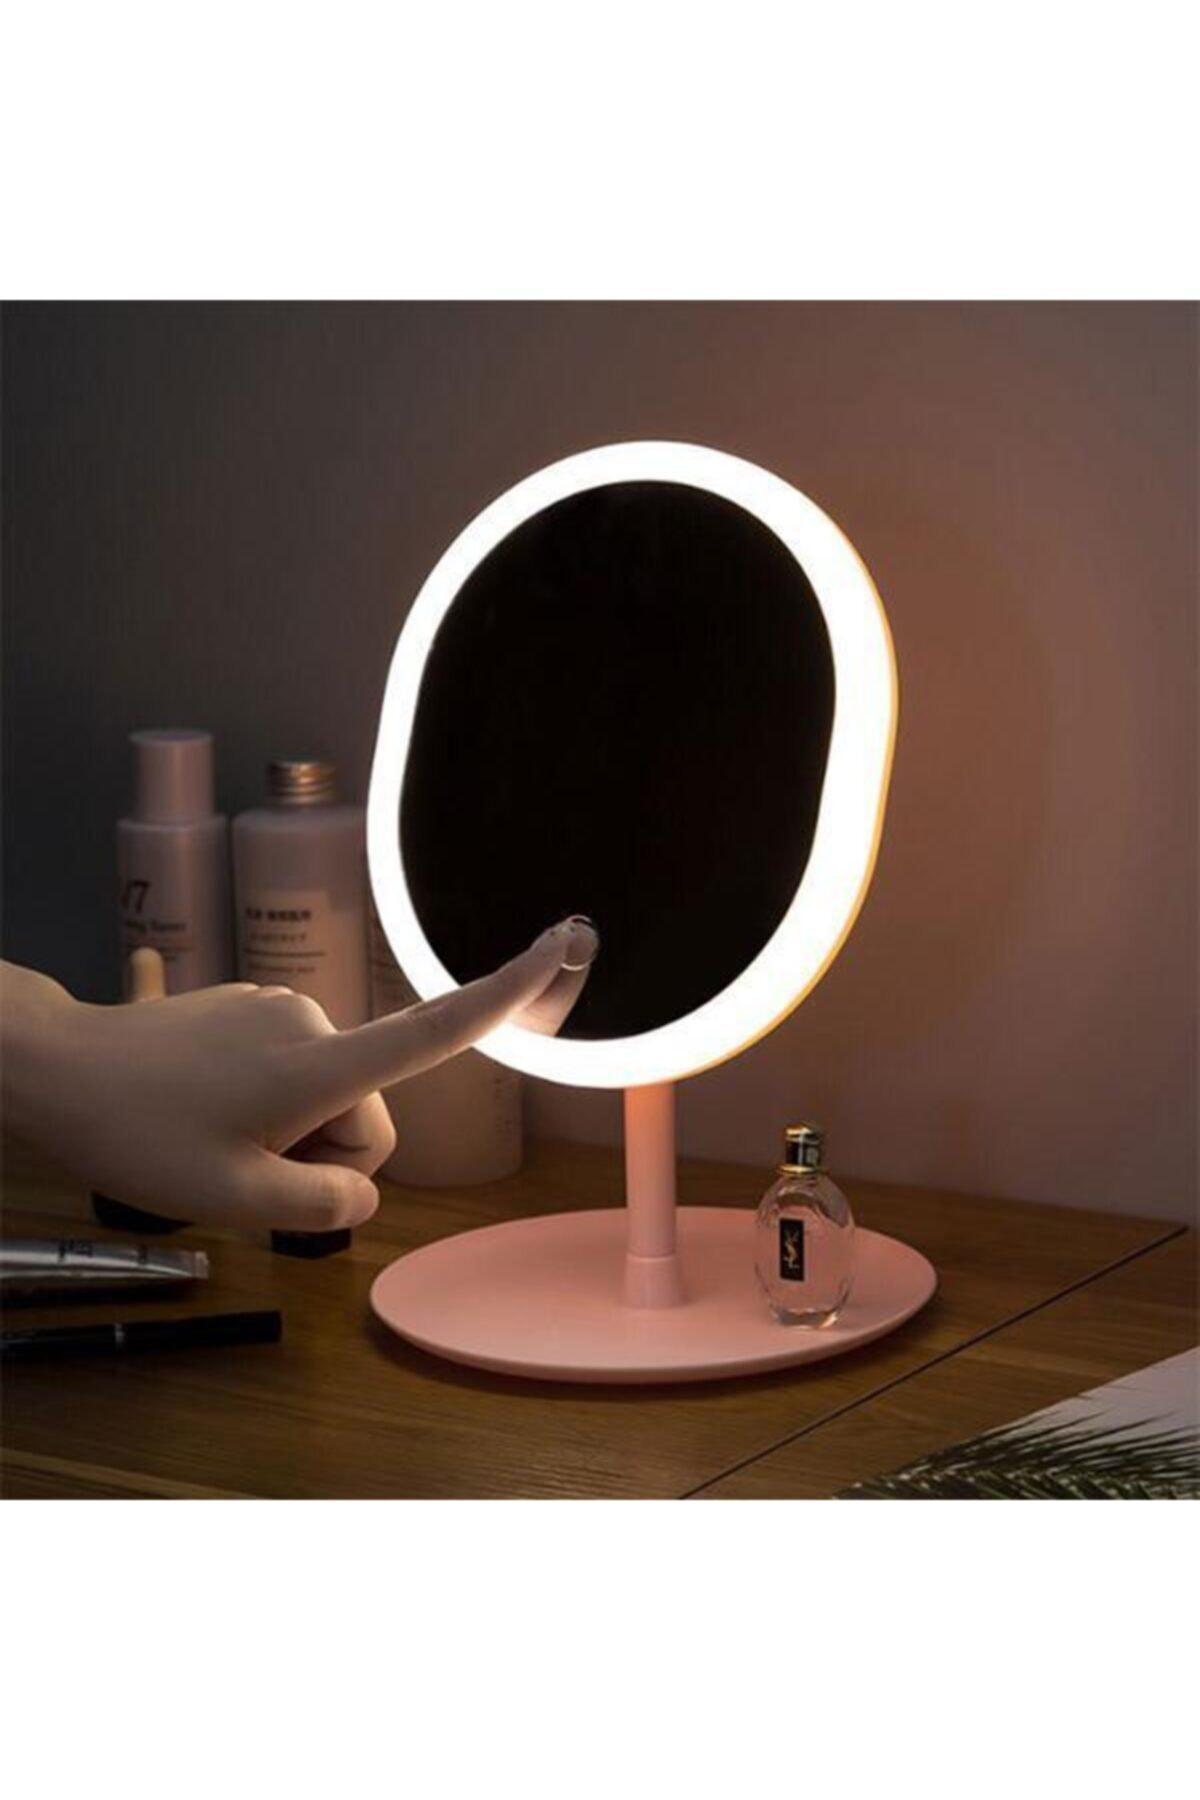 EZERE Makyaj Aynası Led Işıklı Makyaj Dokunmatik Usb Kablolu Lambası Dokunmatik 1